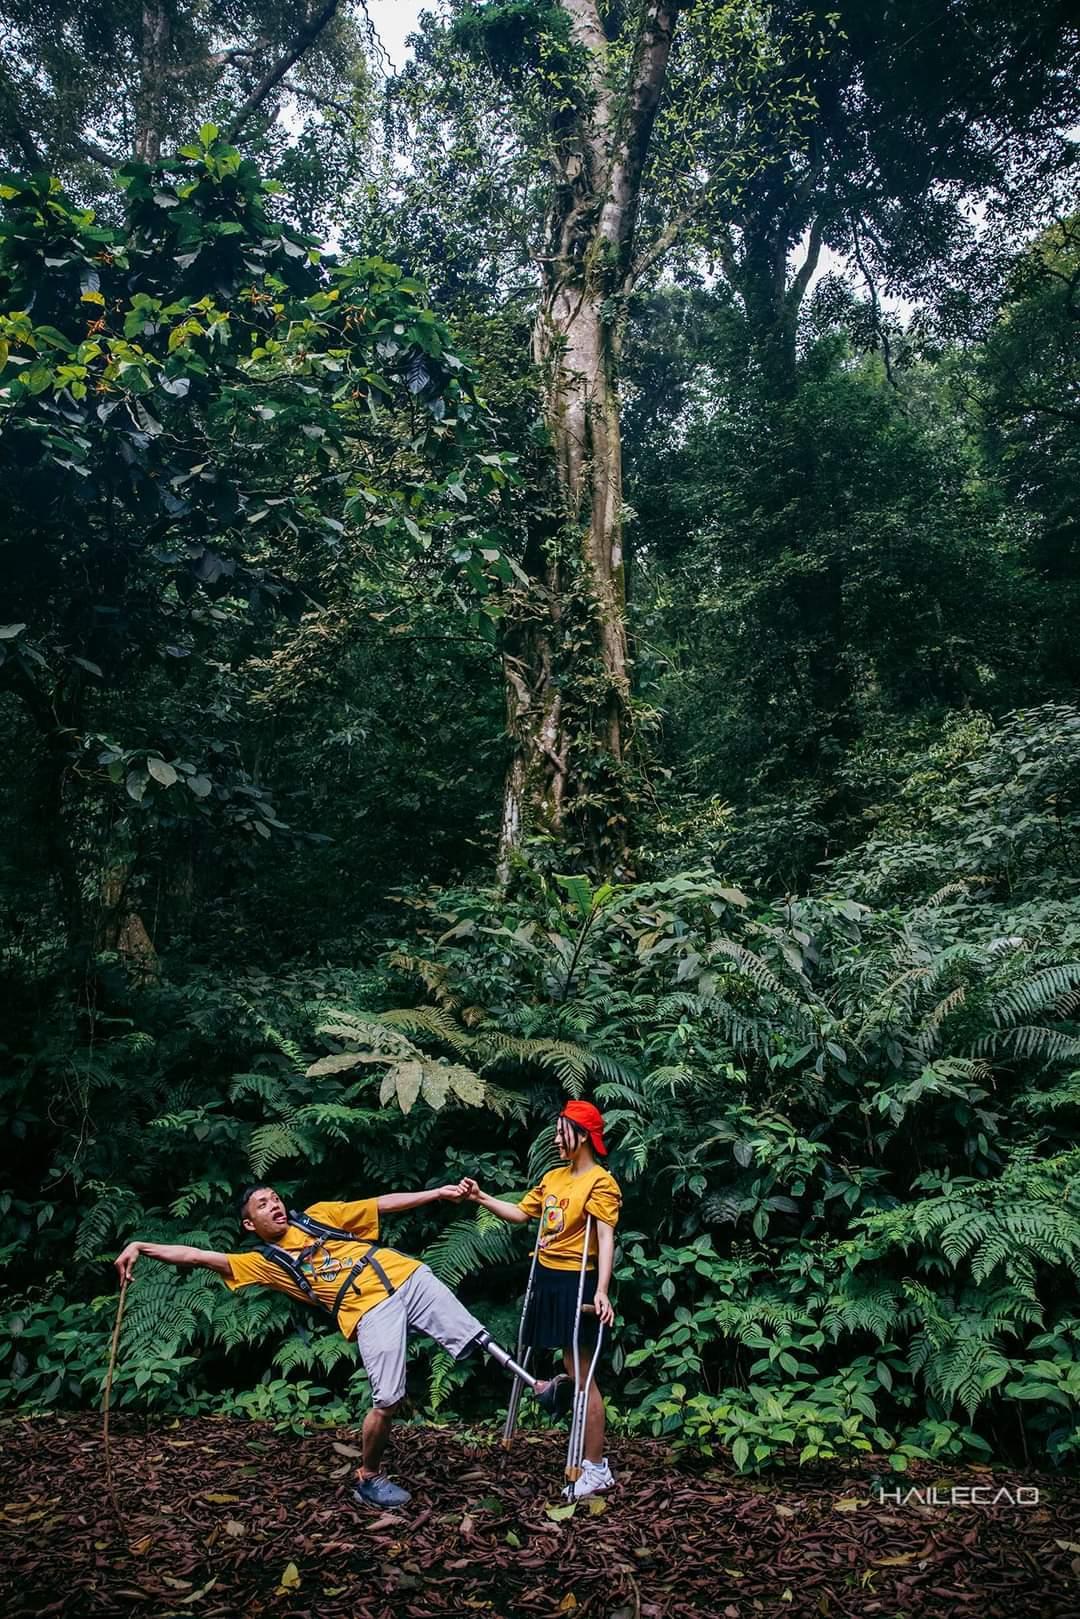 Bộ ảnh ngọt ngào của cặp vợ chồng 'lính chì' giữa núi rừng